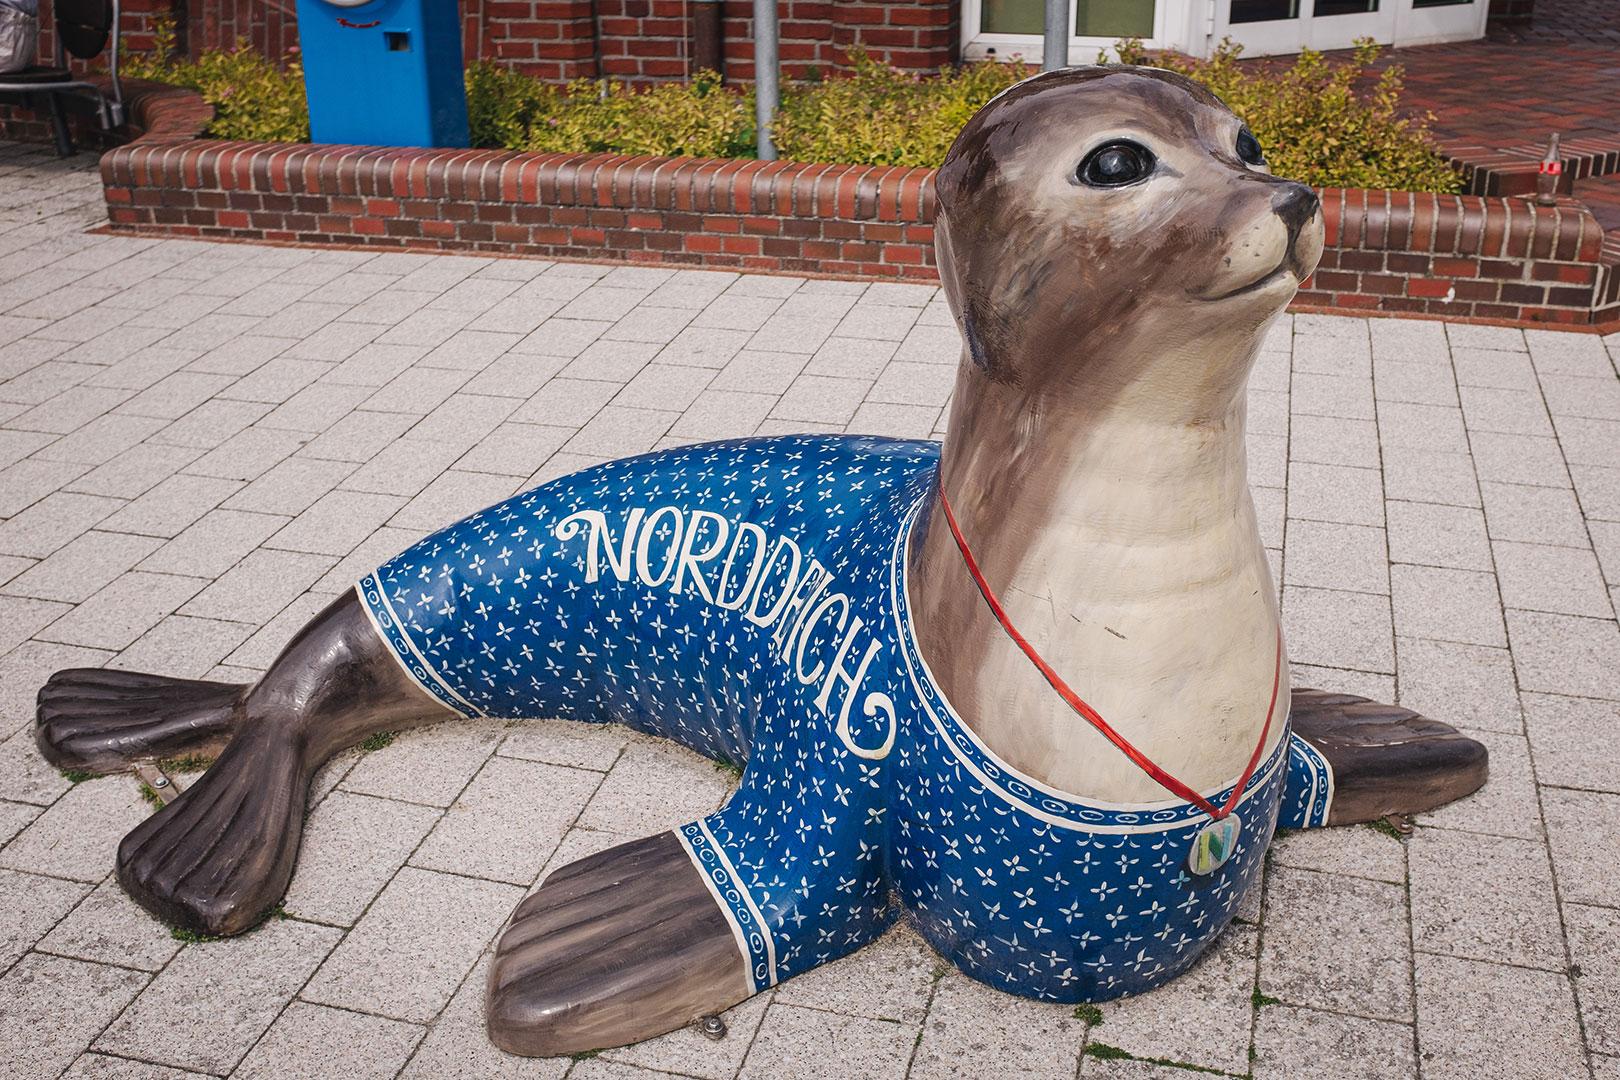 Robbenfigur in Norddeich